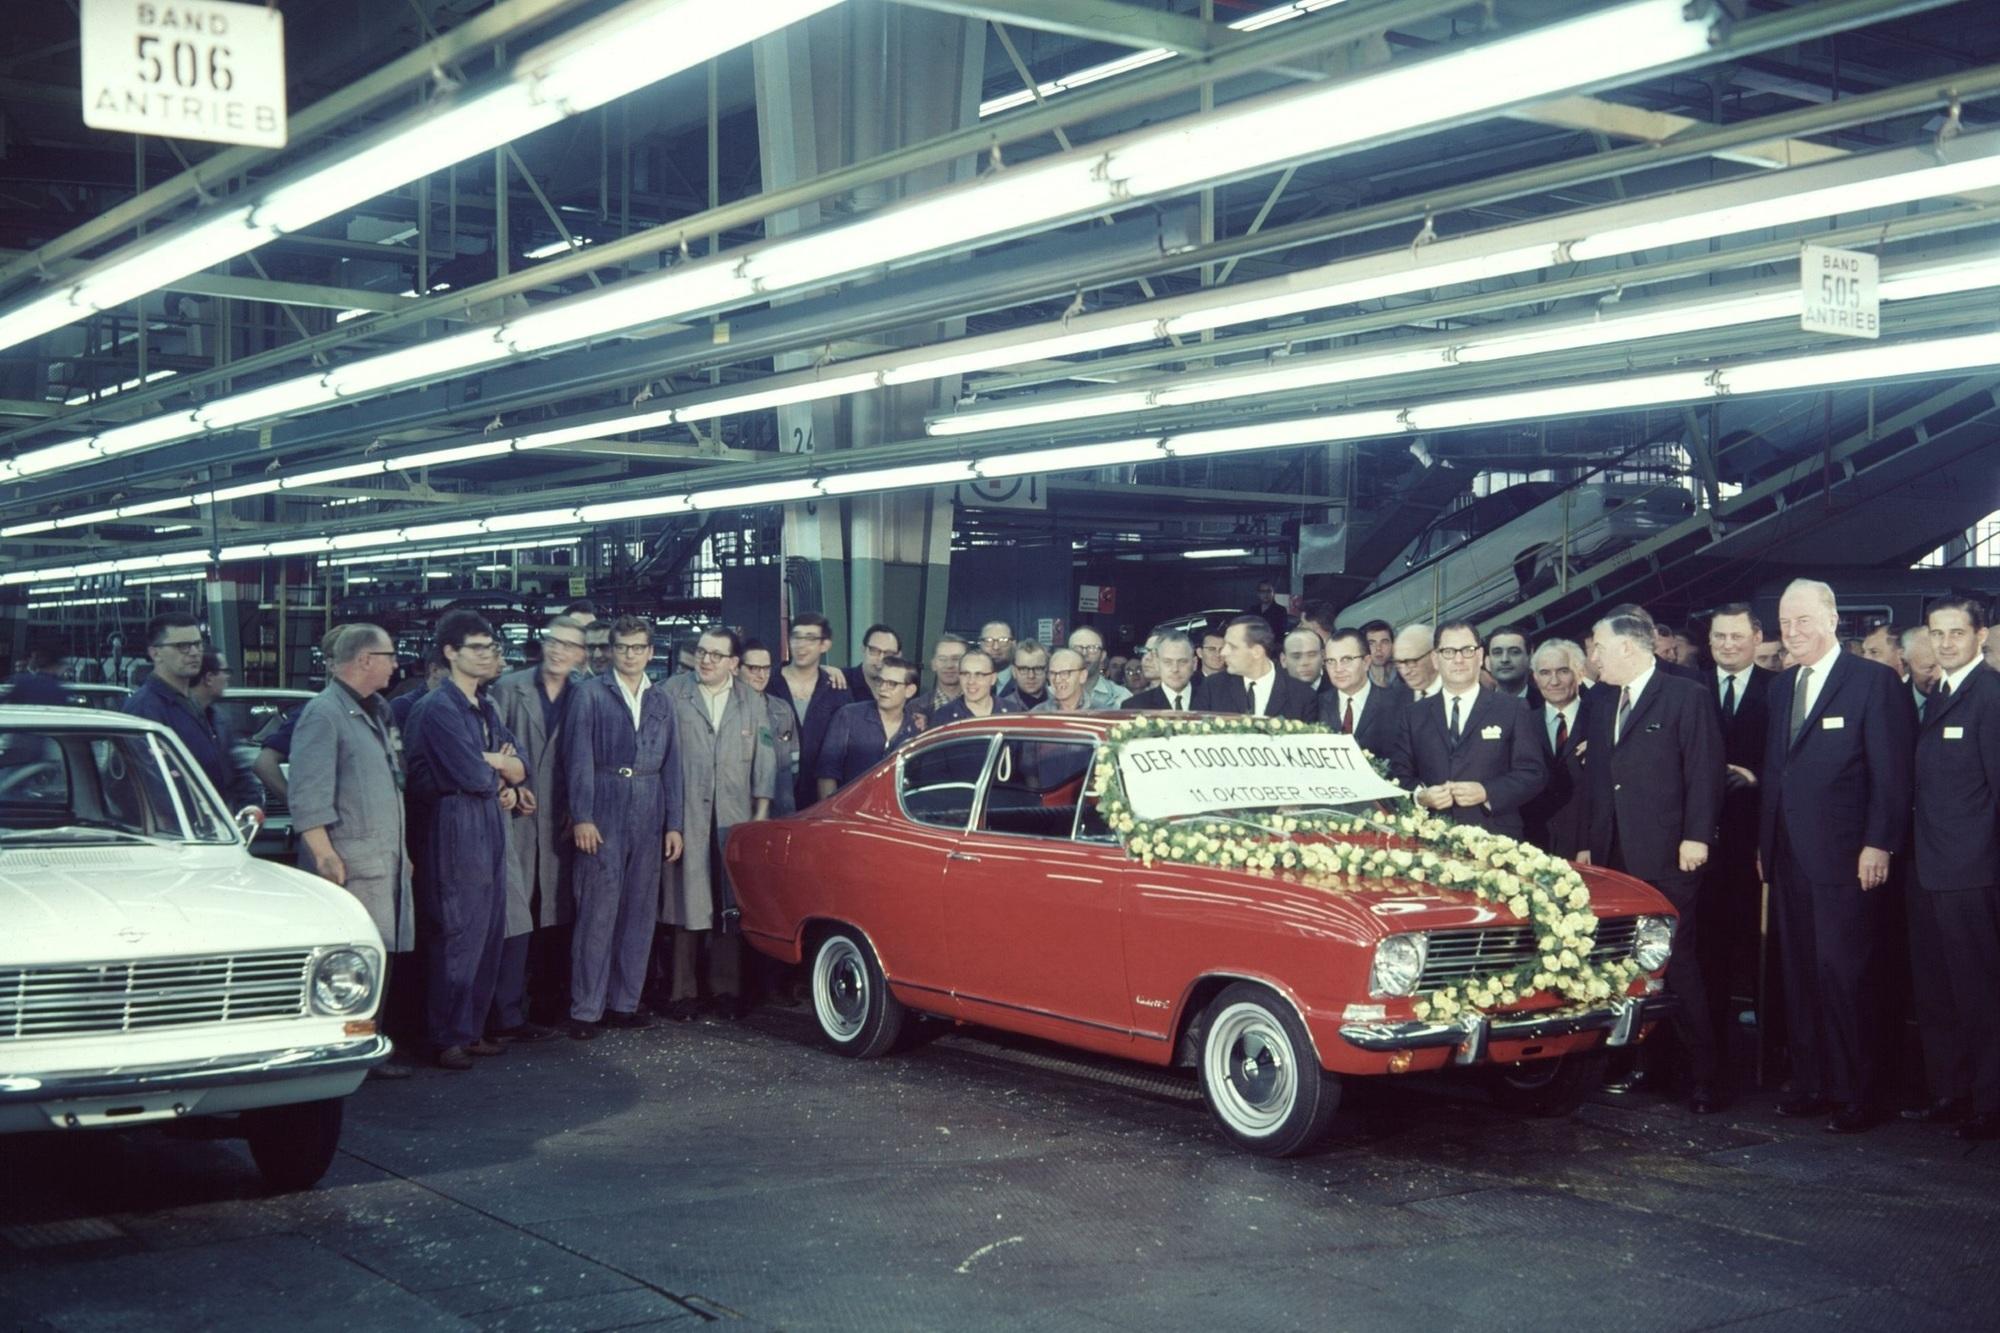 Opel-Werk in Bochum - Tschüss, Traditionsstandort